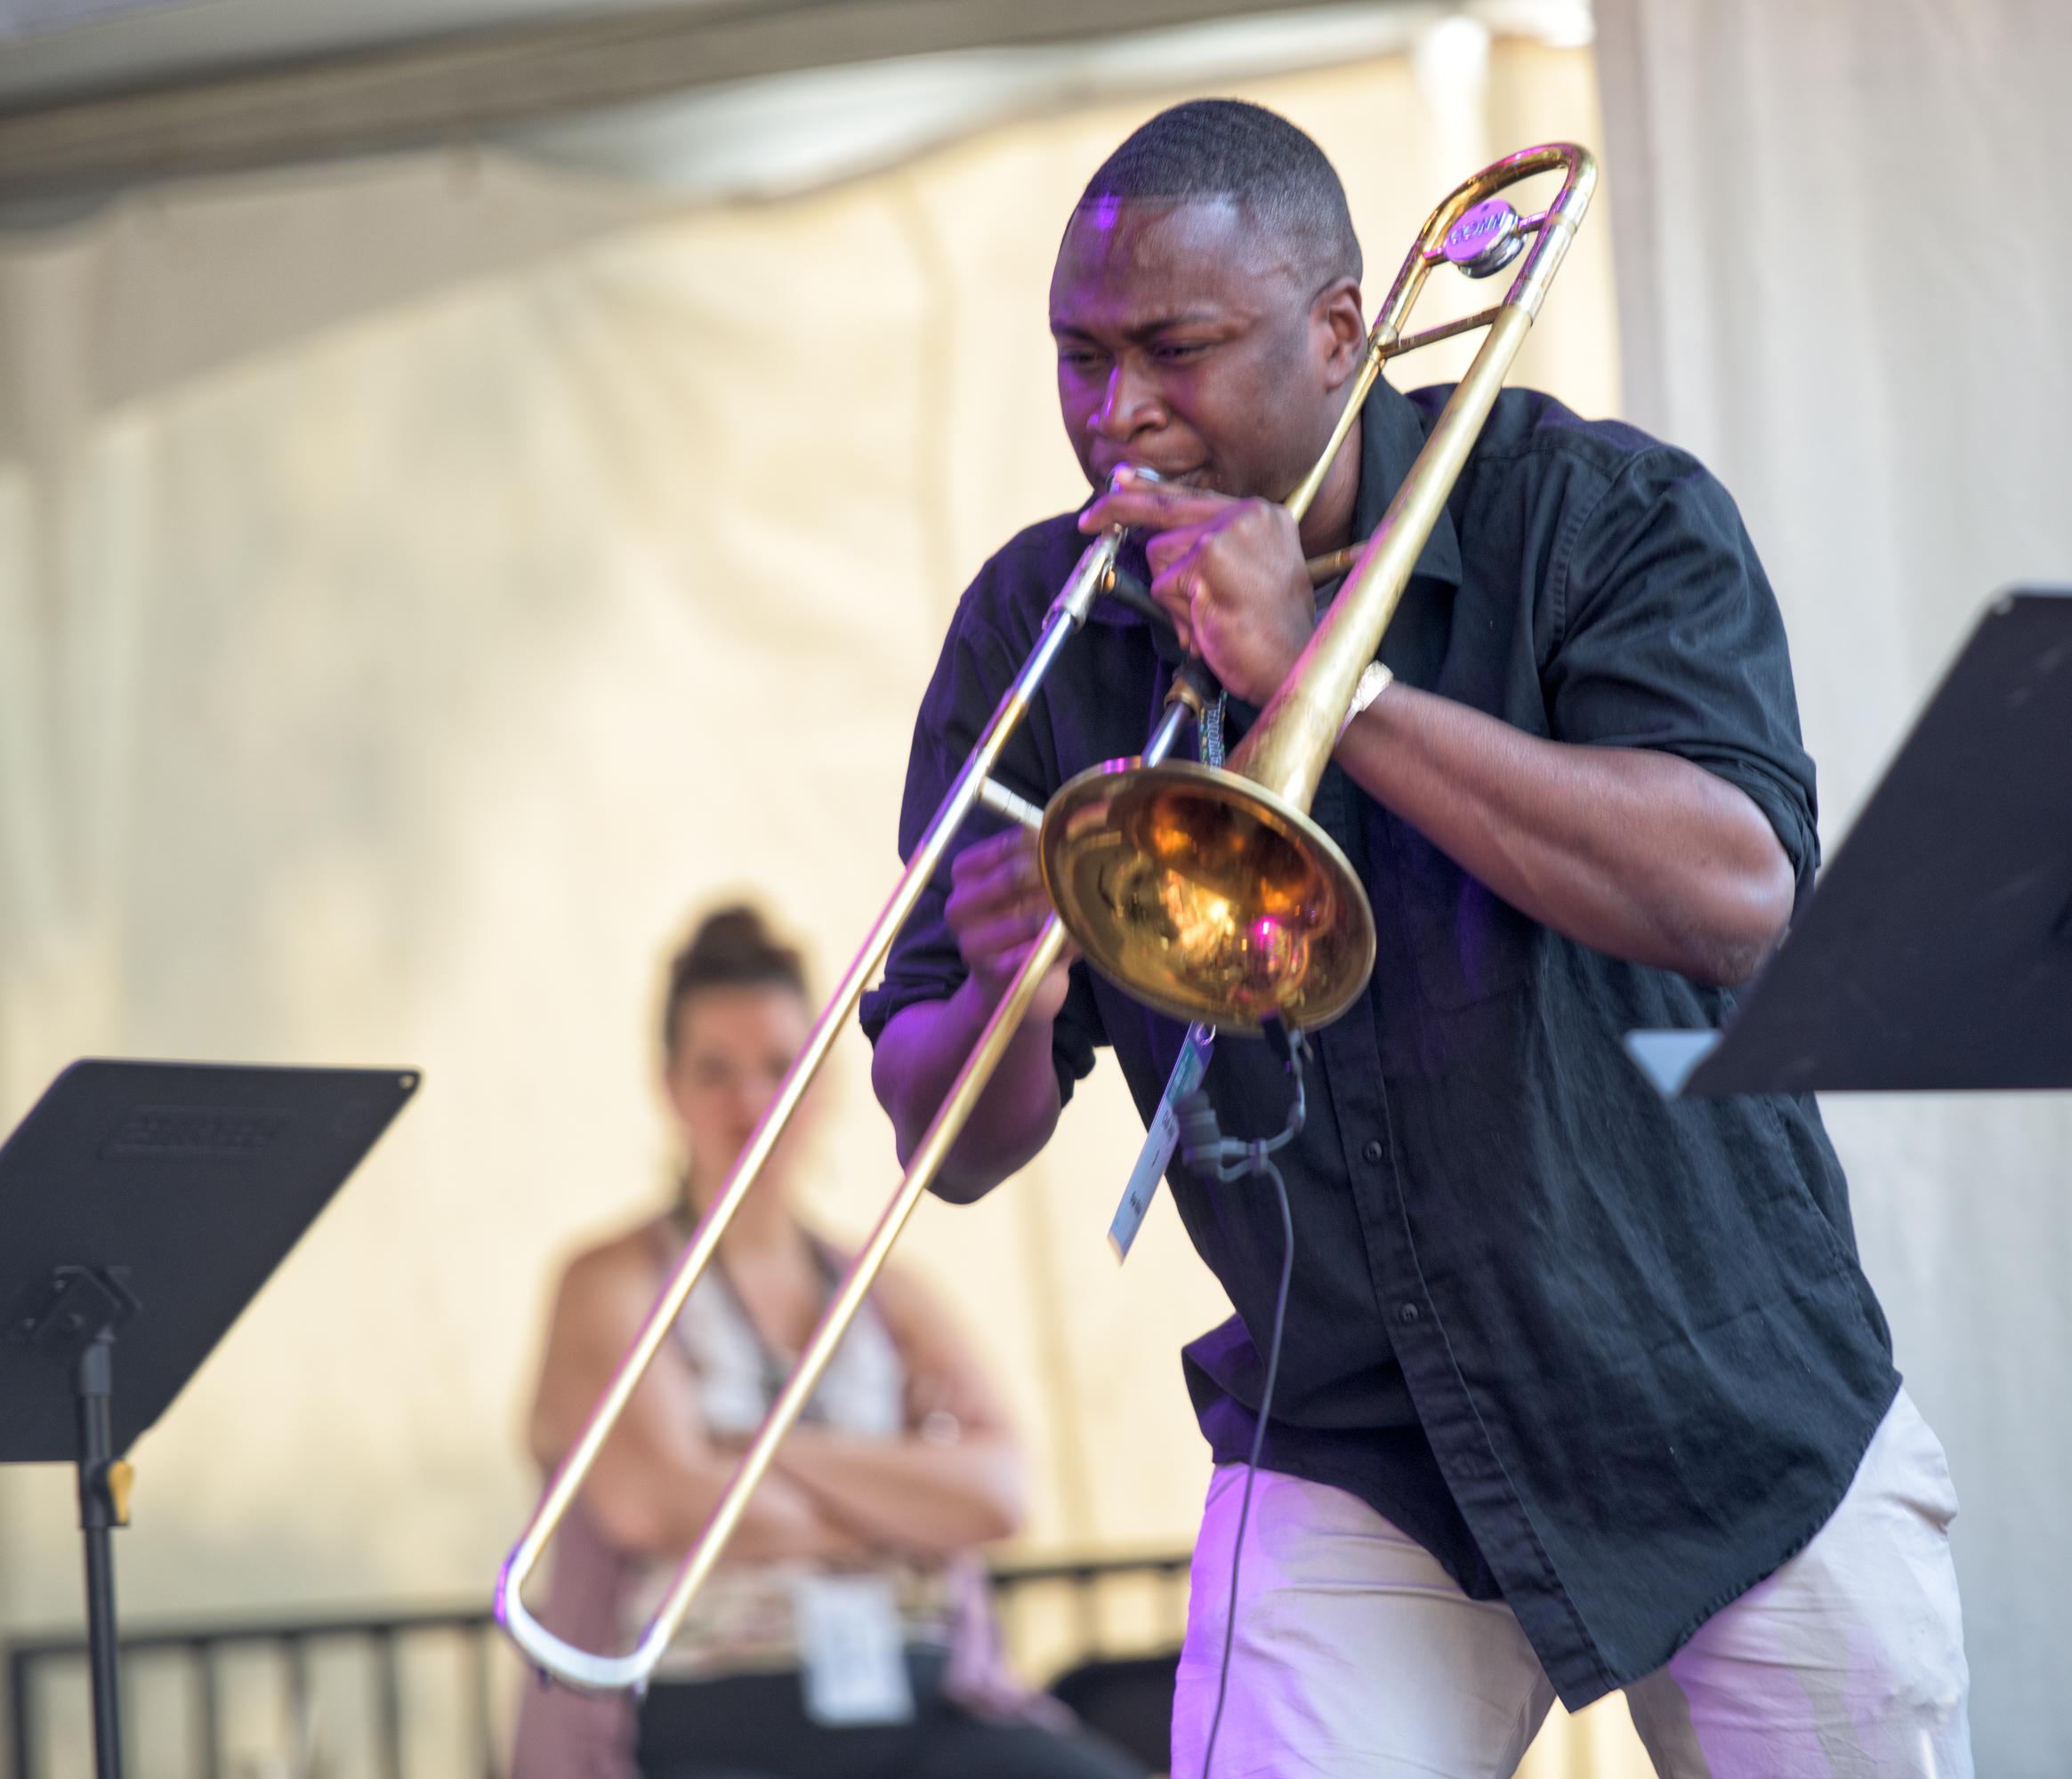 Modibo Keita with Oran Etkin at the Montreal Jazz Festival 2015